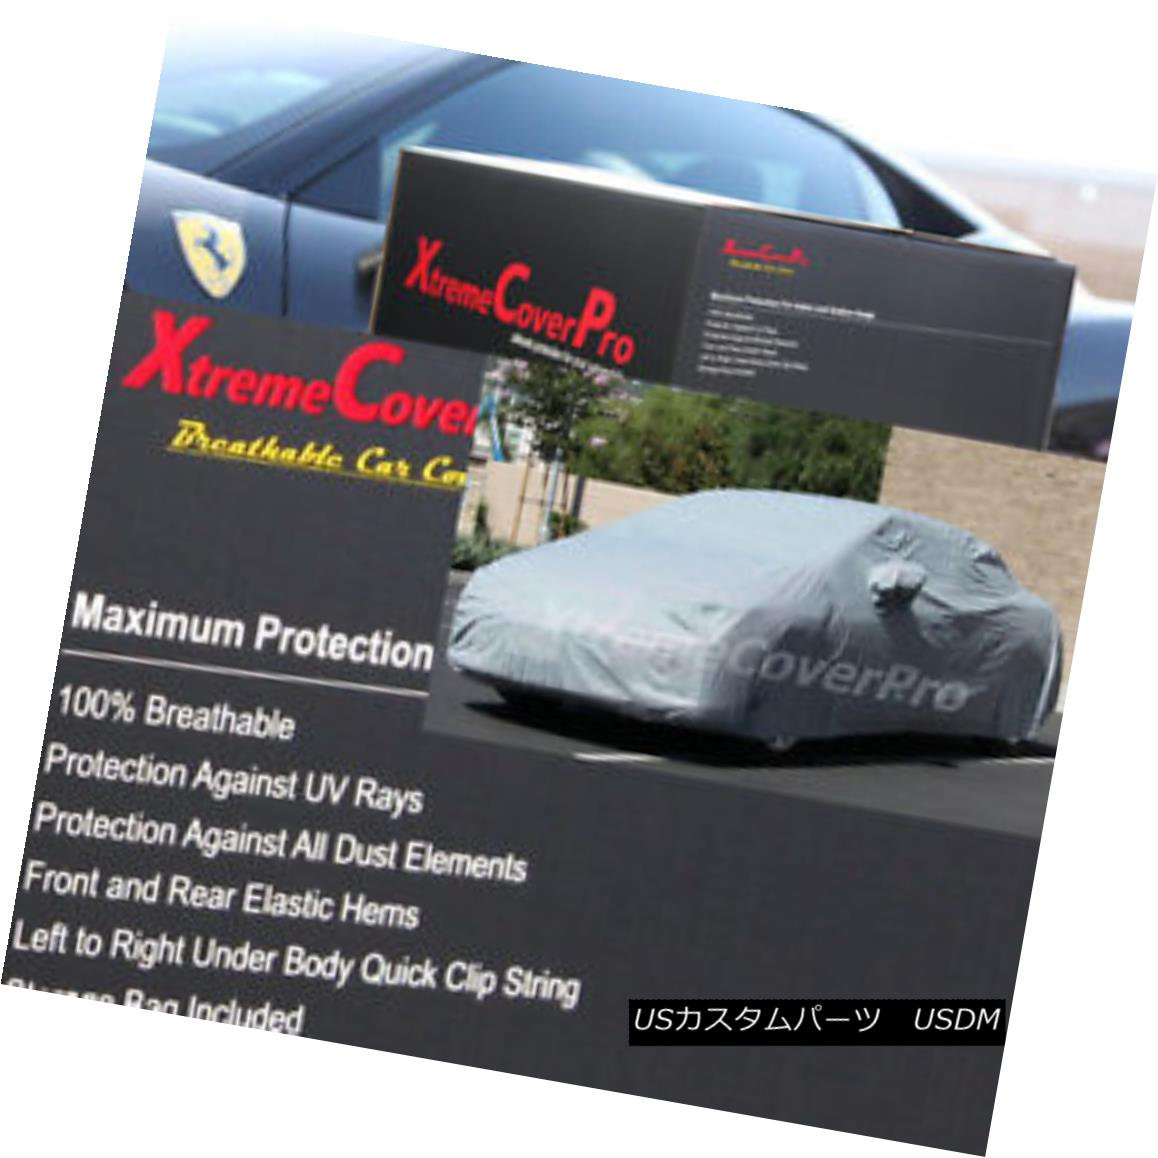 カーカバー 2013 Subaru Legacy Breathable Car Cover w/MirrorPocket 2013スバルレガシー通気性車カバー付きMirrorPocket